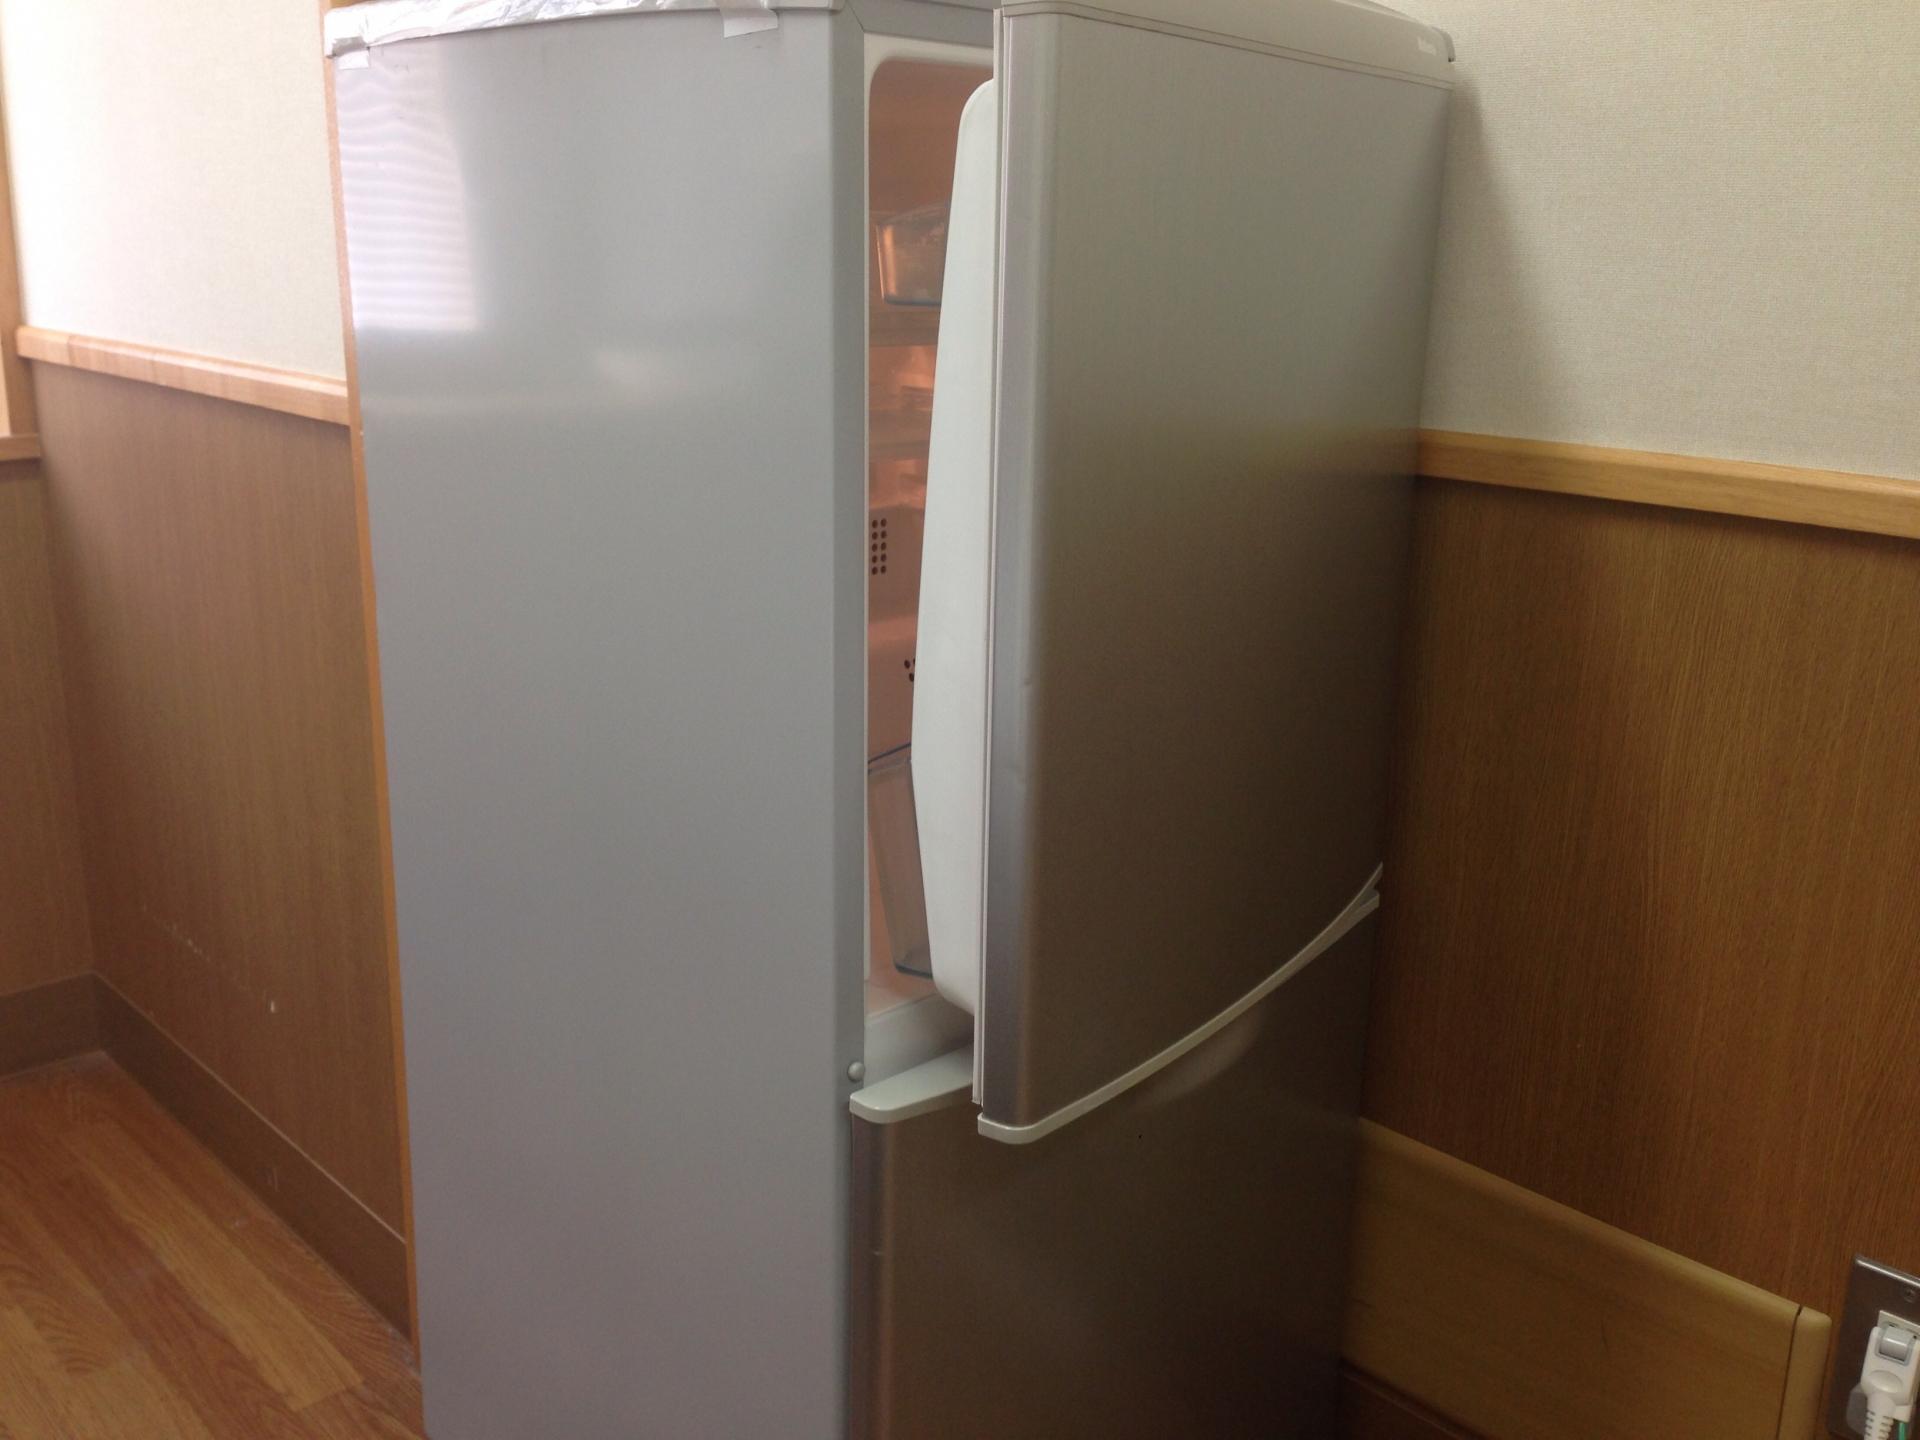 冷蔵庫の温度が下がらない時の解決策!